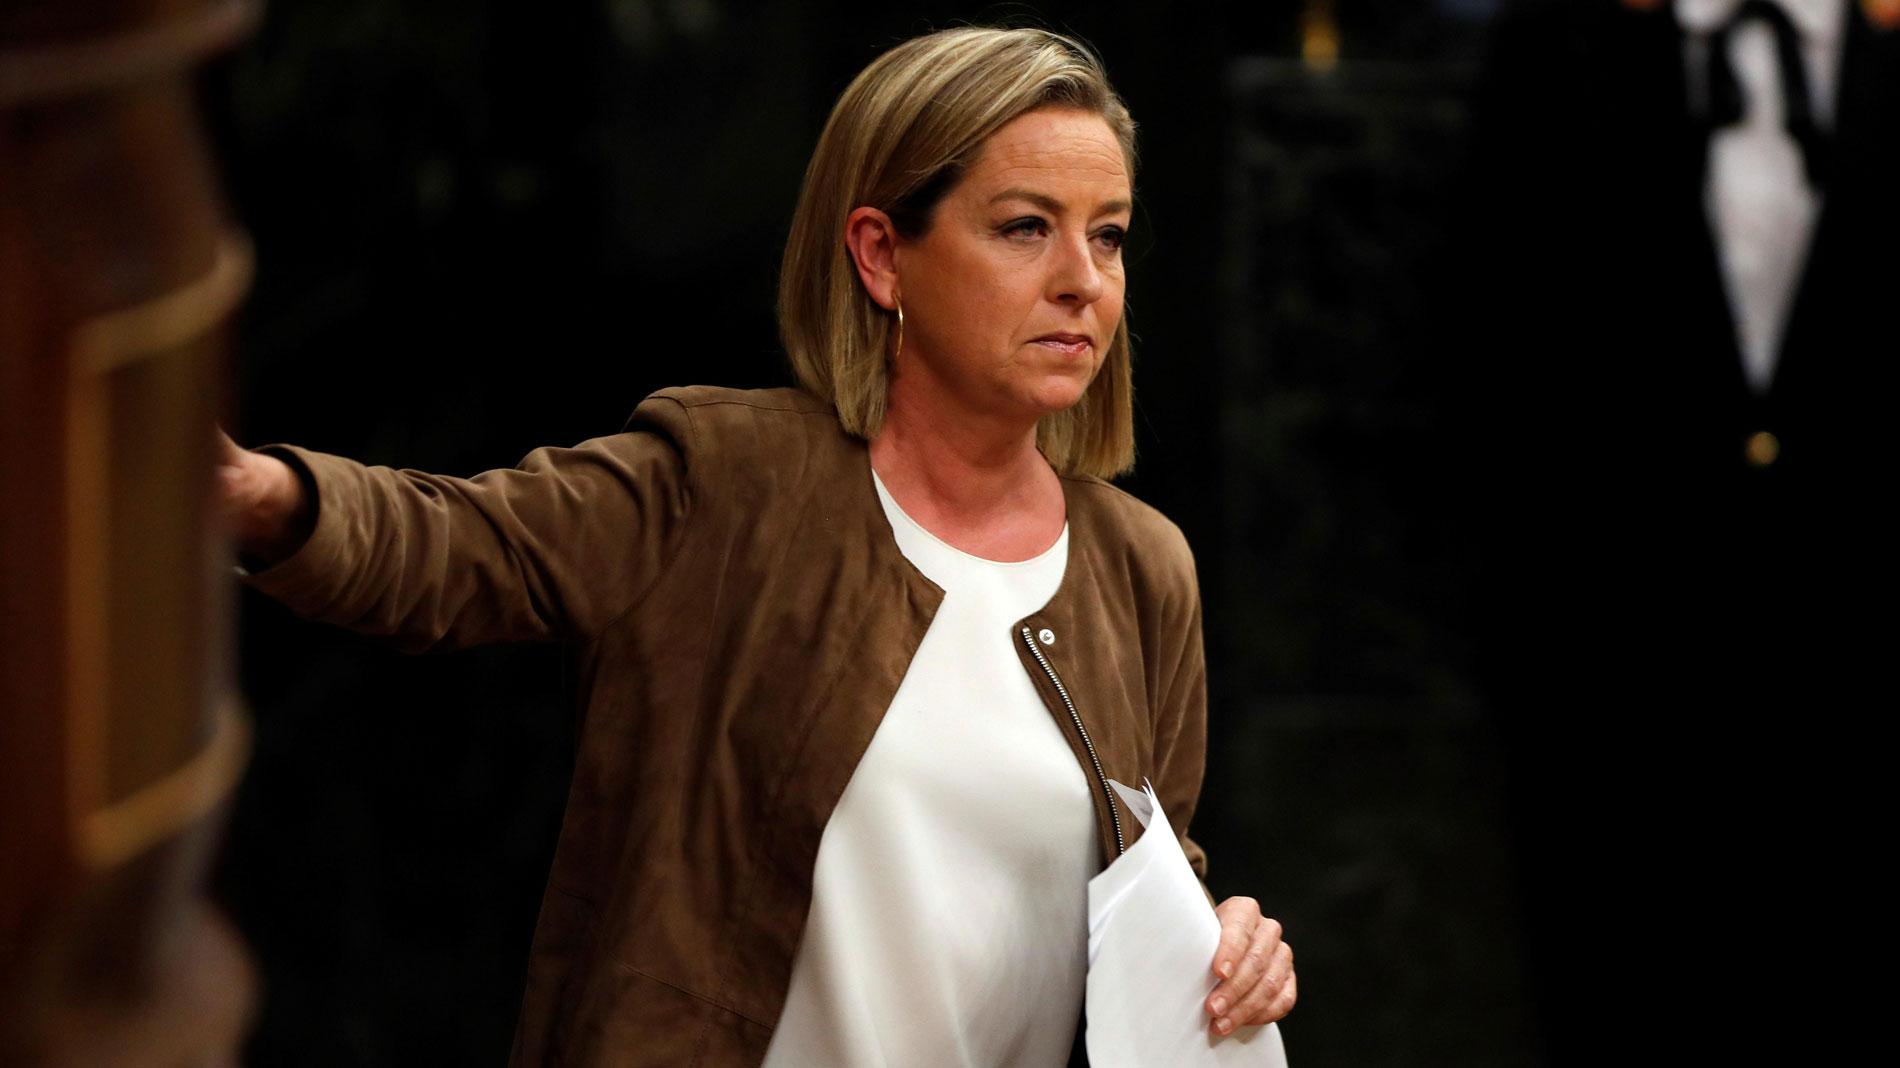 Coalición Canaria avisa a Oramas con medidas disciplinarias tras anunciar que votará 'no' a Sánchez